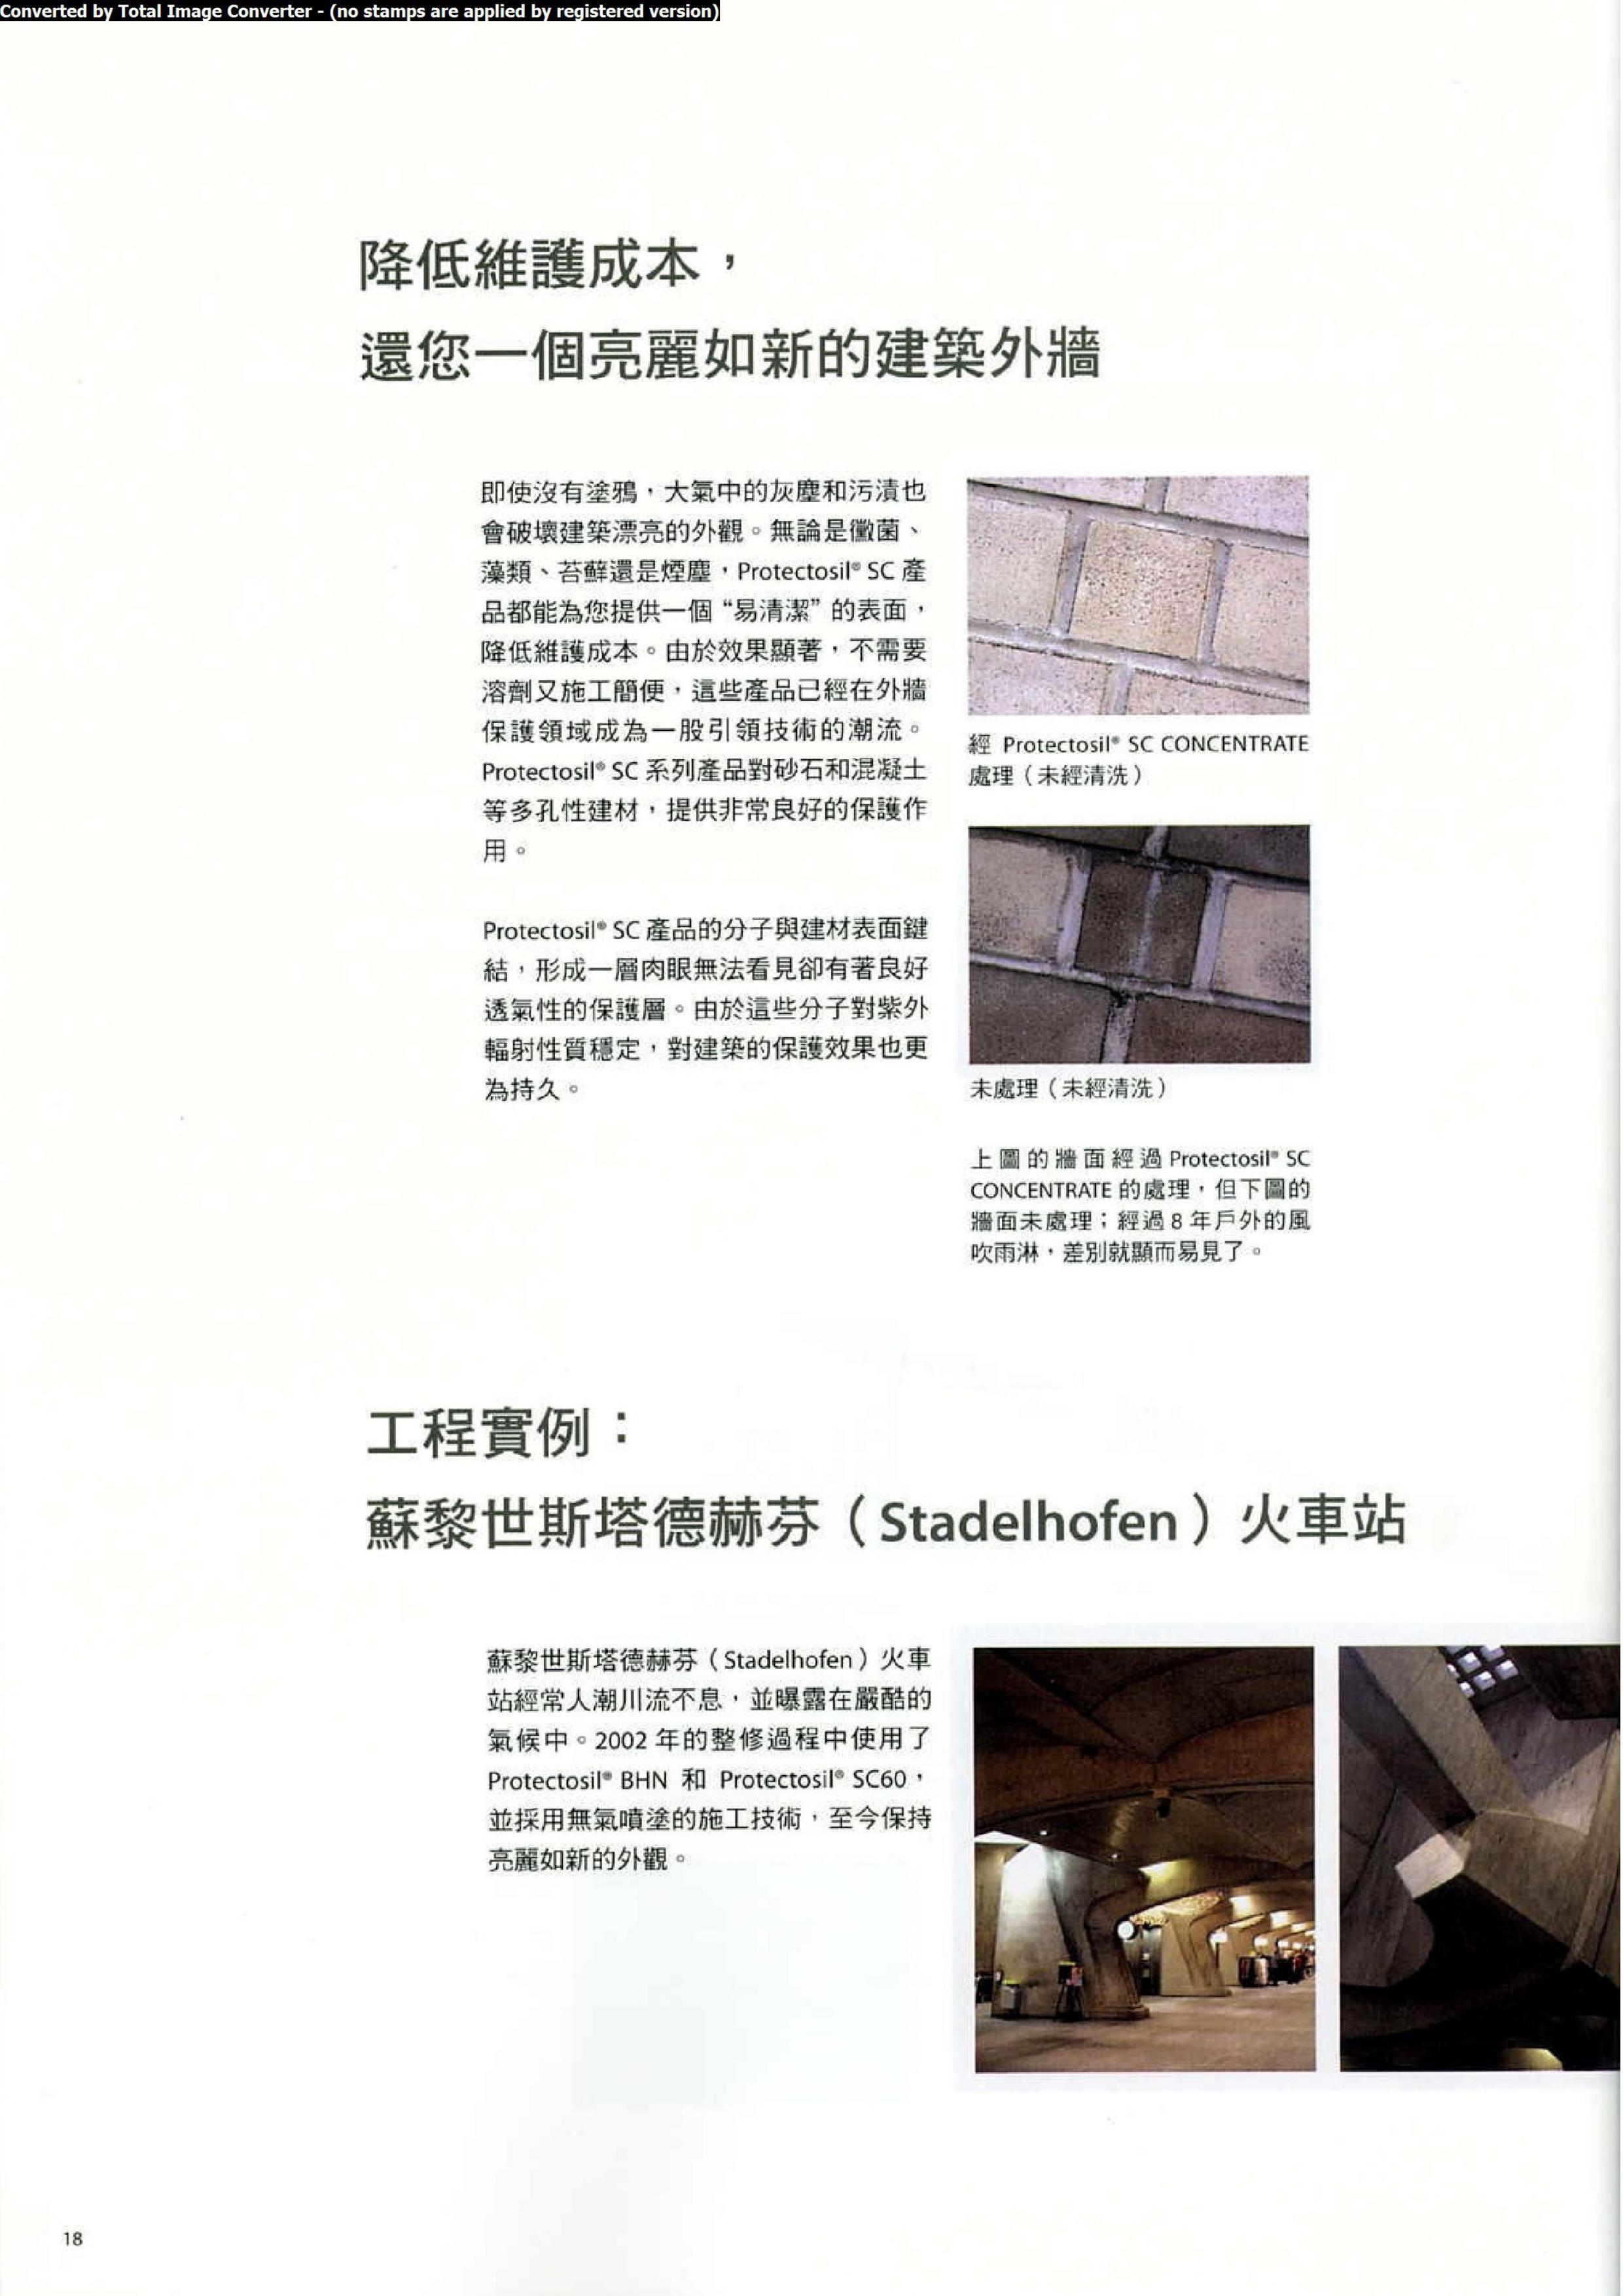 清水模工法-建築保護 (18)